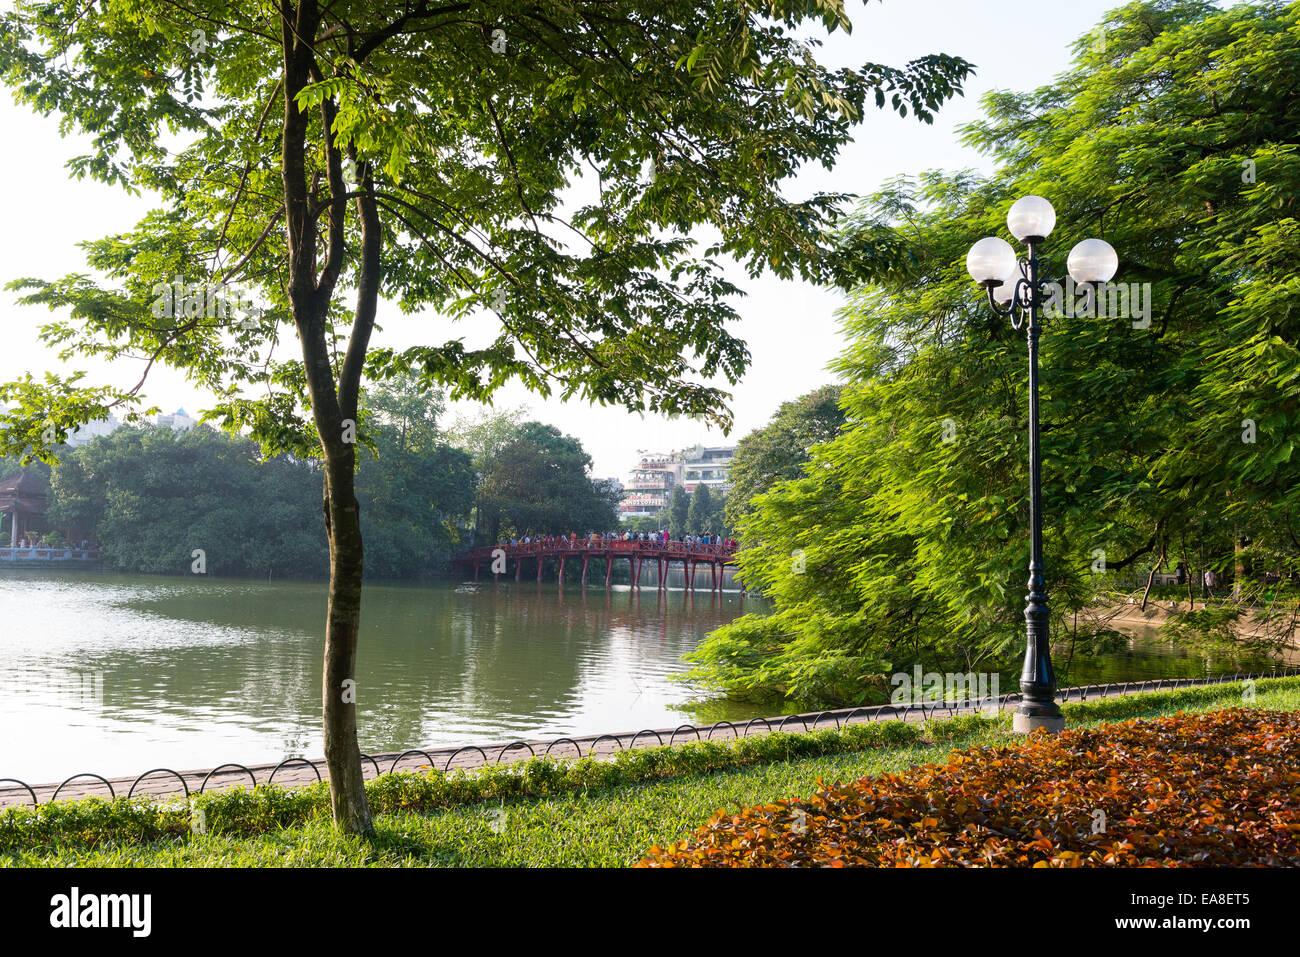 Hoan Kiem Lake in Hanoi - Stock Image